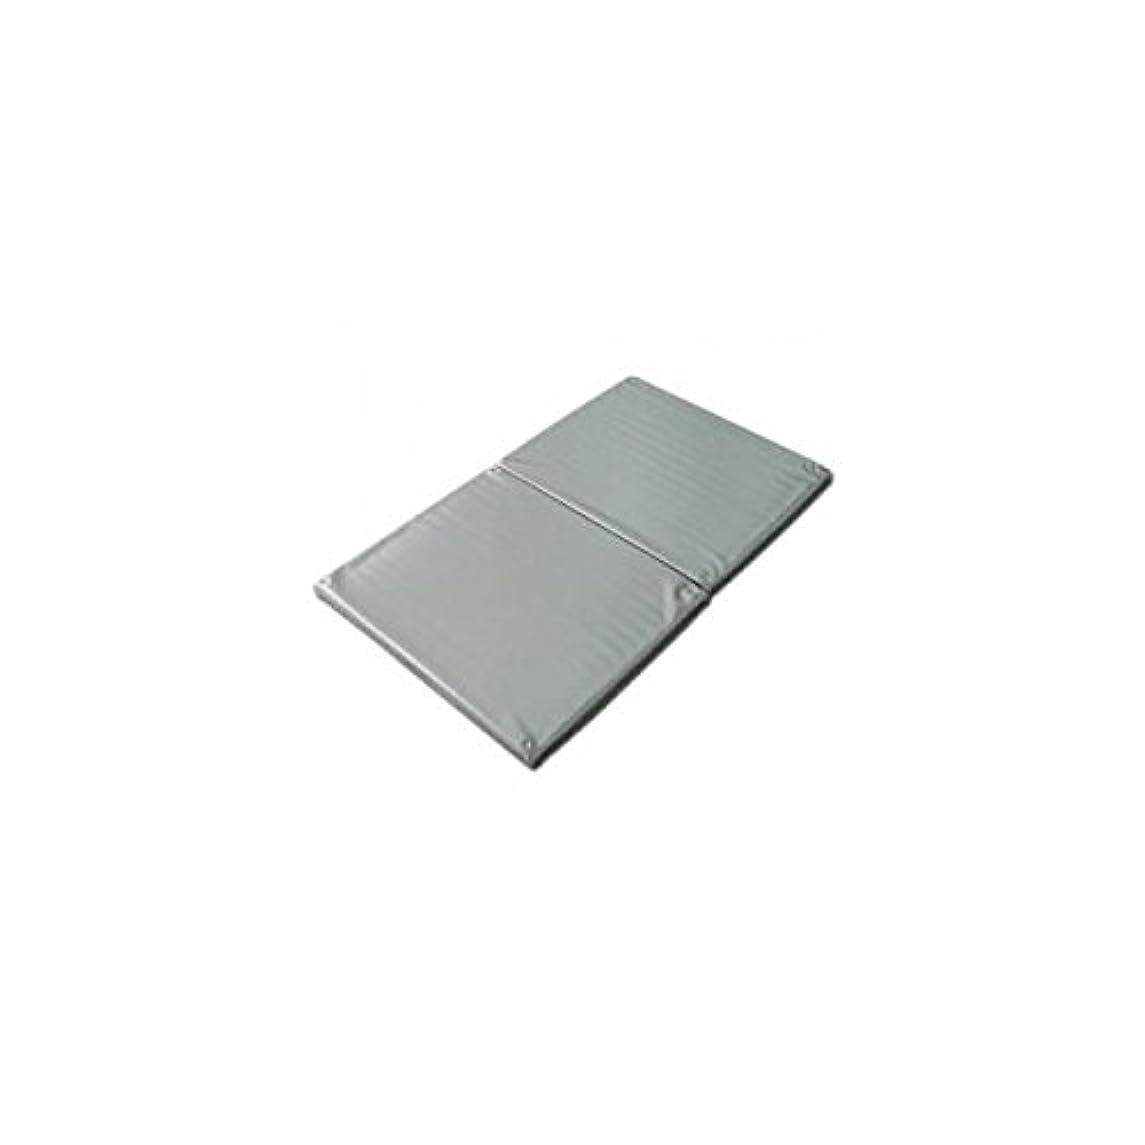 凍った世界未知のヨックお風呂のマッサージ用マットP(2ツ折)シルバー 120×70cm│防水マッサージマット ポリエチレン製